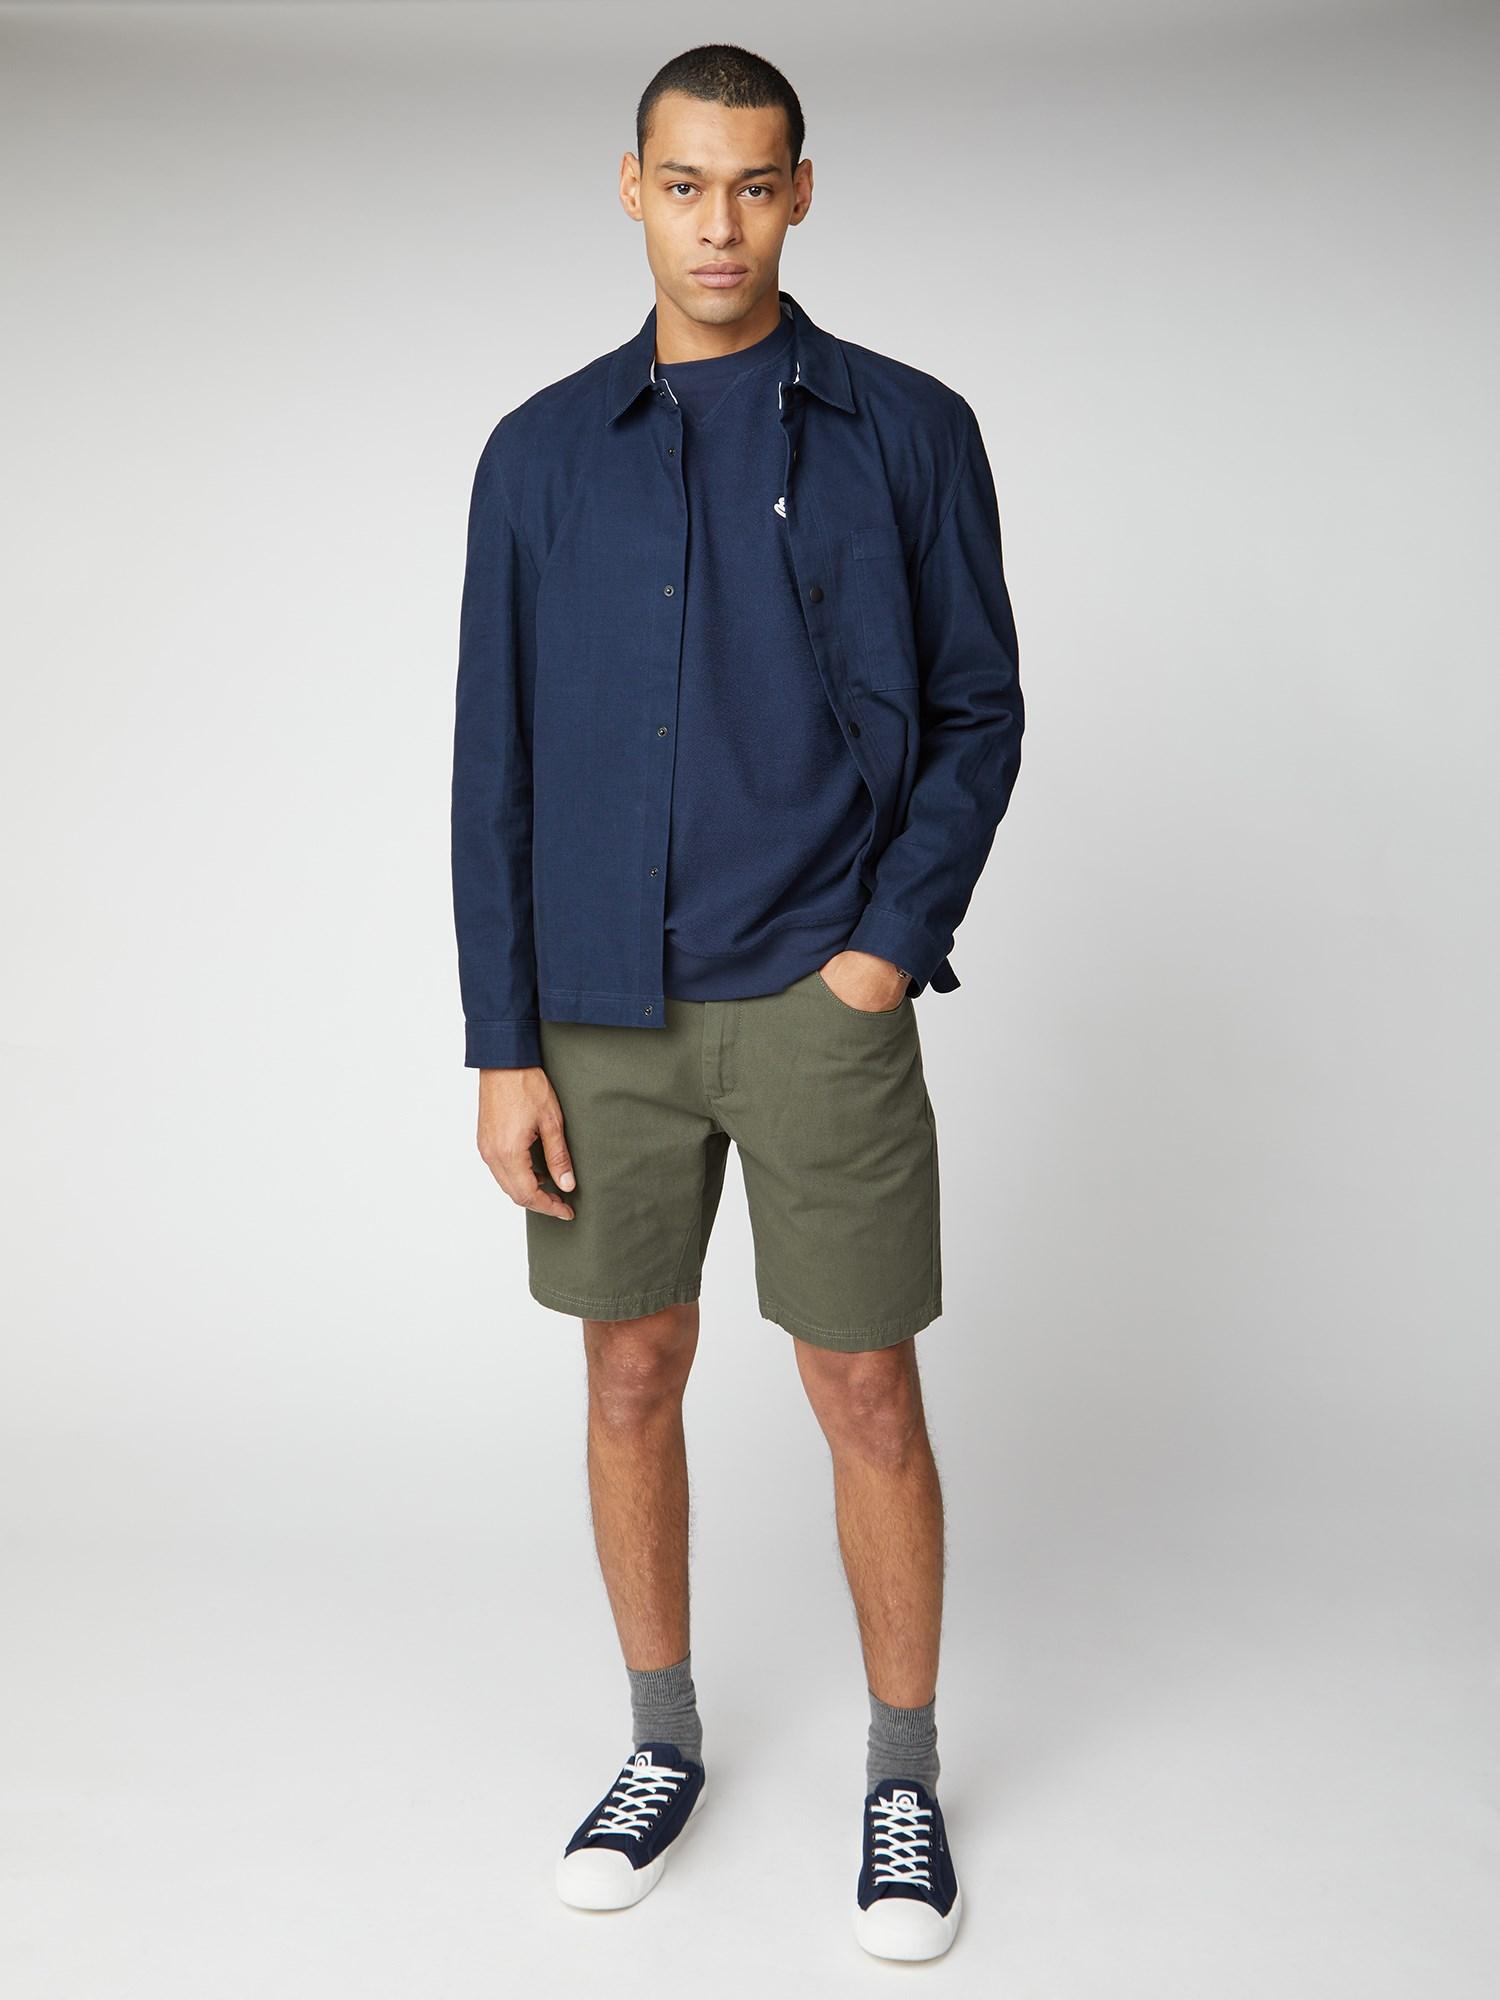 Lightweight Fabric Jumper